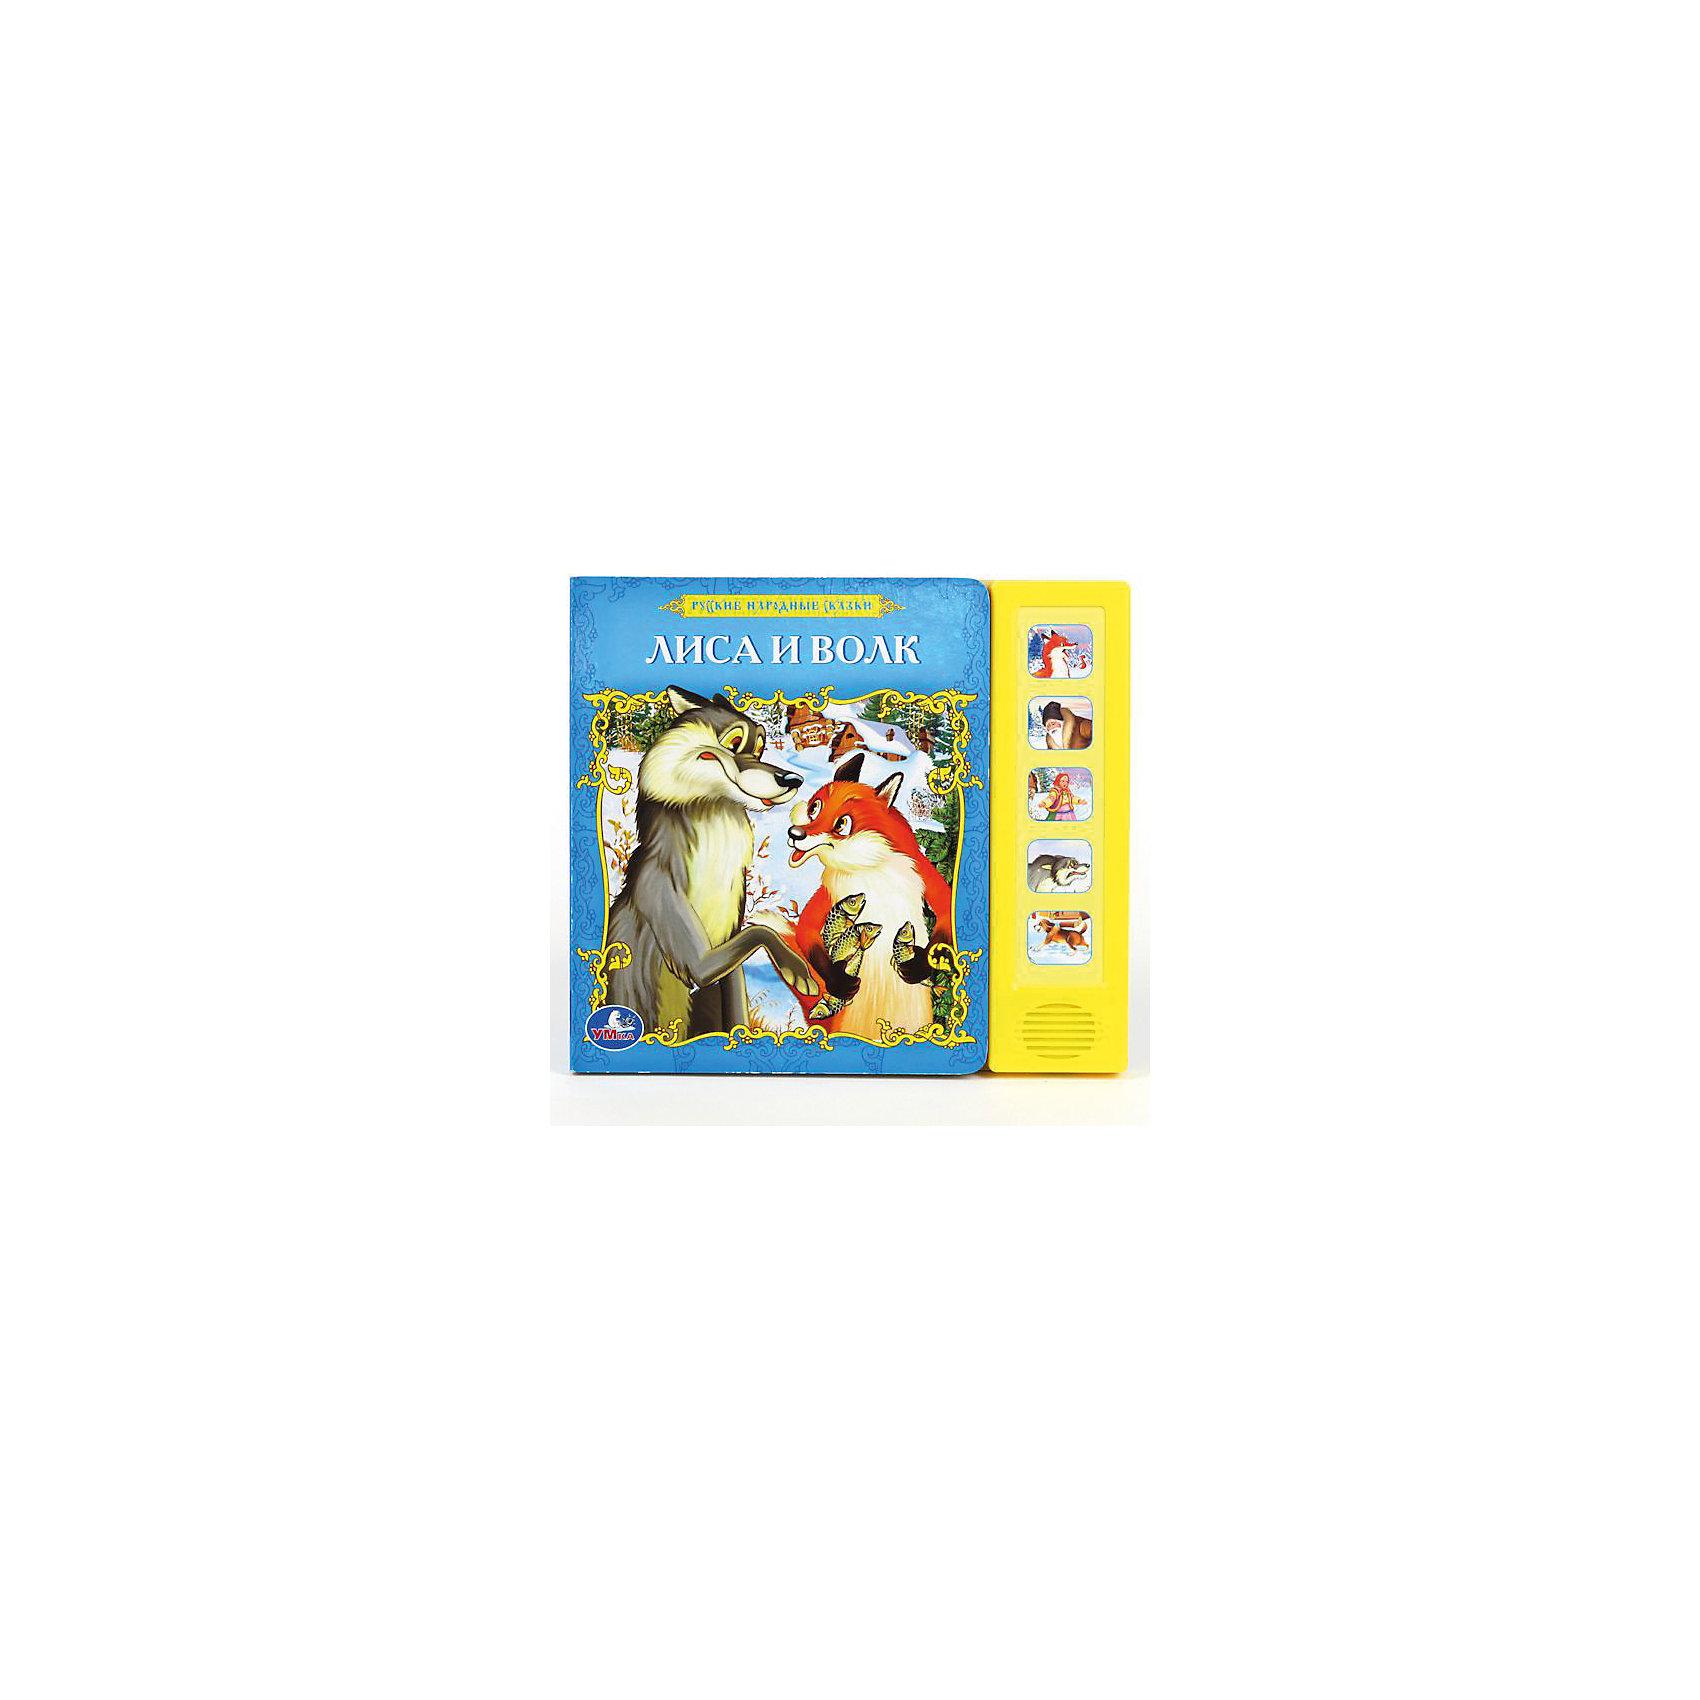 Книга со звуком Лиса и волк Русские народные сказки, СоюзмультфильмХарактеристики товара:<br><br>• размер: 22x19 см<br>• материал: картон<br>• страниц: 10<br>• возраст: от года<br>• 5 звуковых кнопок<br>• цветные иллюстрации<br>• страна бренда: РФ<br>• страна изготовитель: РФ<br><br>Сказки и стихи не только развлекают малышей, они помогают учиться и познавать мир! Такая книжка станет отличным подарком ребенку и родителям - ведь с помощью неё можно слушать персонажей, прививать любовь к чтению, а также рассматривать картинки. Формат - очень удобный, качество печати - отличное! Книжка дополнена яркими картинками. Книжки со звуком особенно нравятся малышам.<br>Чтение даже в юном возрасте помогает детям развивать важные навыки и способности, оно активизирует мышление, формирует усидчивость, логику и воображение. Изделие производится из качественных и проверенных материалов, которые безопасны для детей.<br><br>Книжку со звуком Лиса и волк Русские народные сказки от бренда Умка можно купить в нашем интернет-магазине.<br><br>Ширина мм: 10<br>Глубина мм: 180<br>Высота мм: 210<br>Вес г: 280<br>Возраст от месяцев: 12<br>Возраст до месяцев: 60<br>Пол: Унисекс<br>Возраст: Детский<br>SKU: 5196886